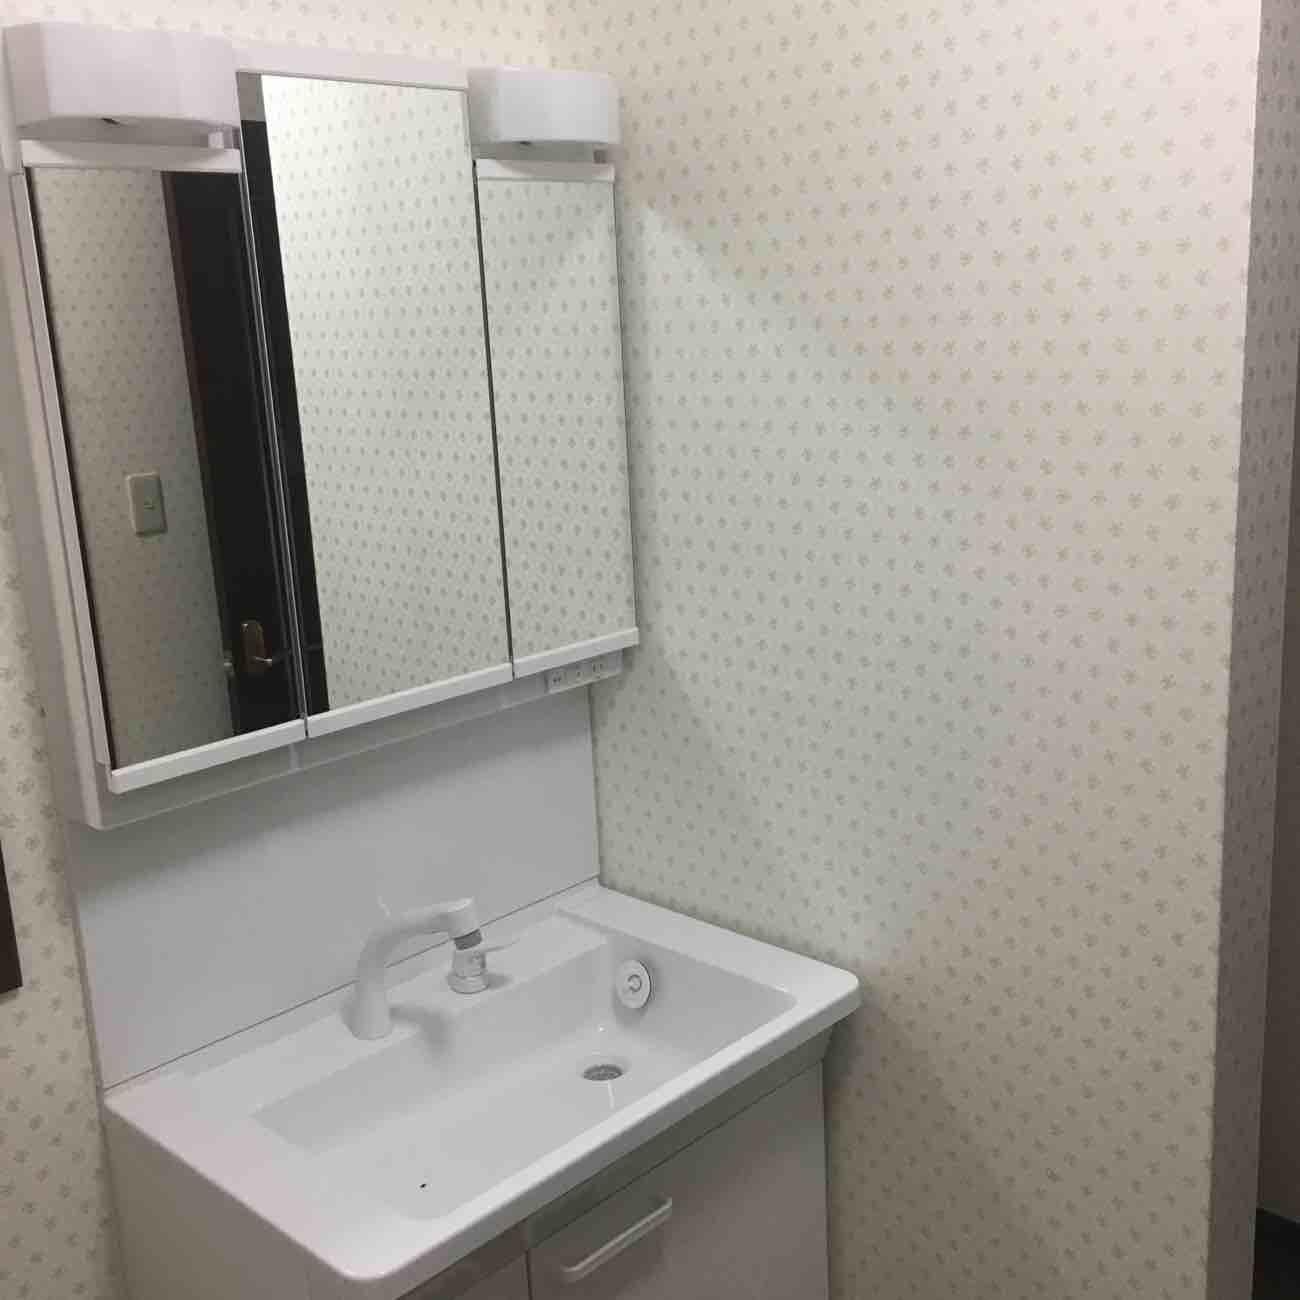 オール電化のヒシダデンキ 浴室・洗面・トイレリフォーム工事